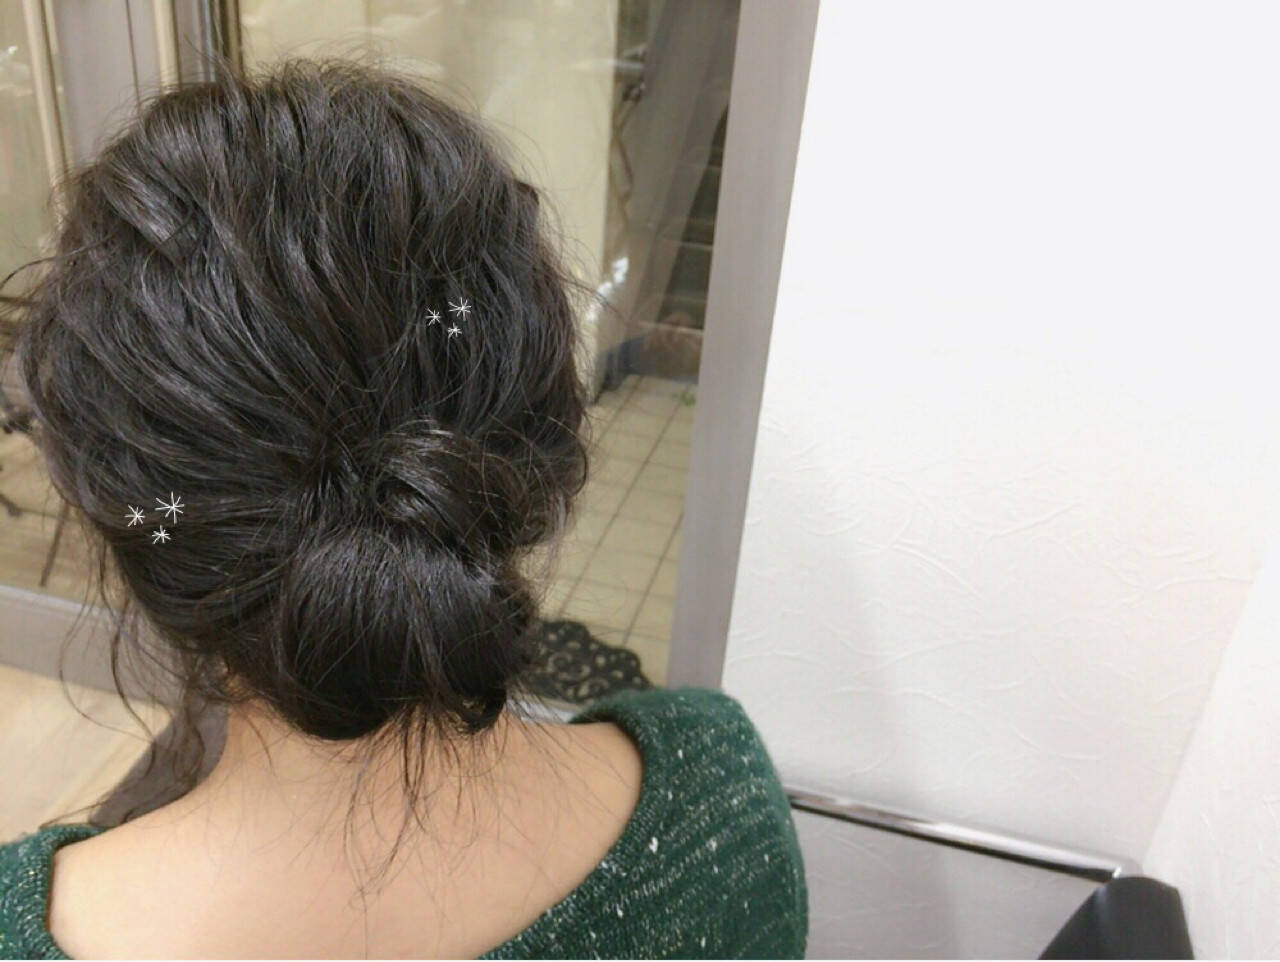 アッシュ ショート 波ウェーブ 簡単ヘアアレンジヘアスタイルや髪型の写真・画像